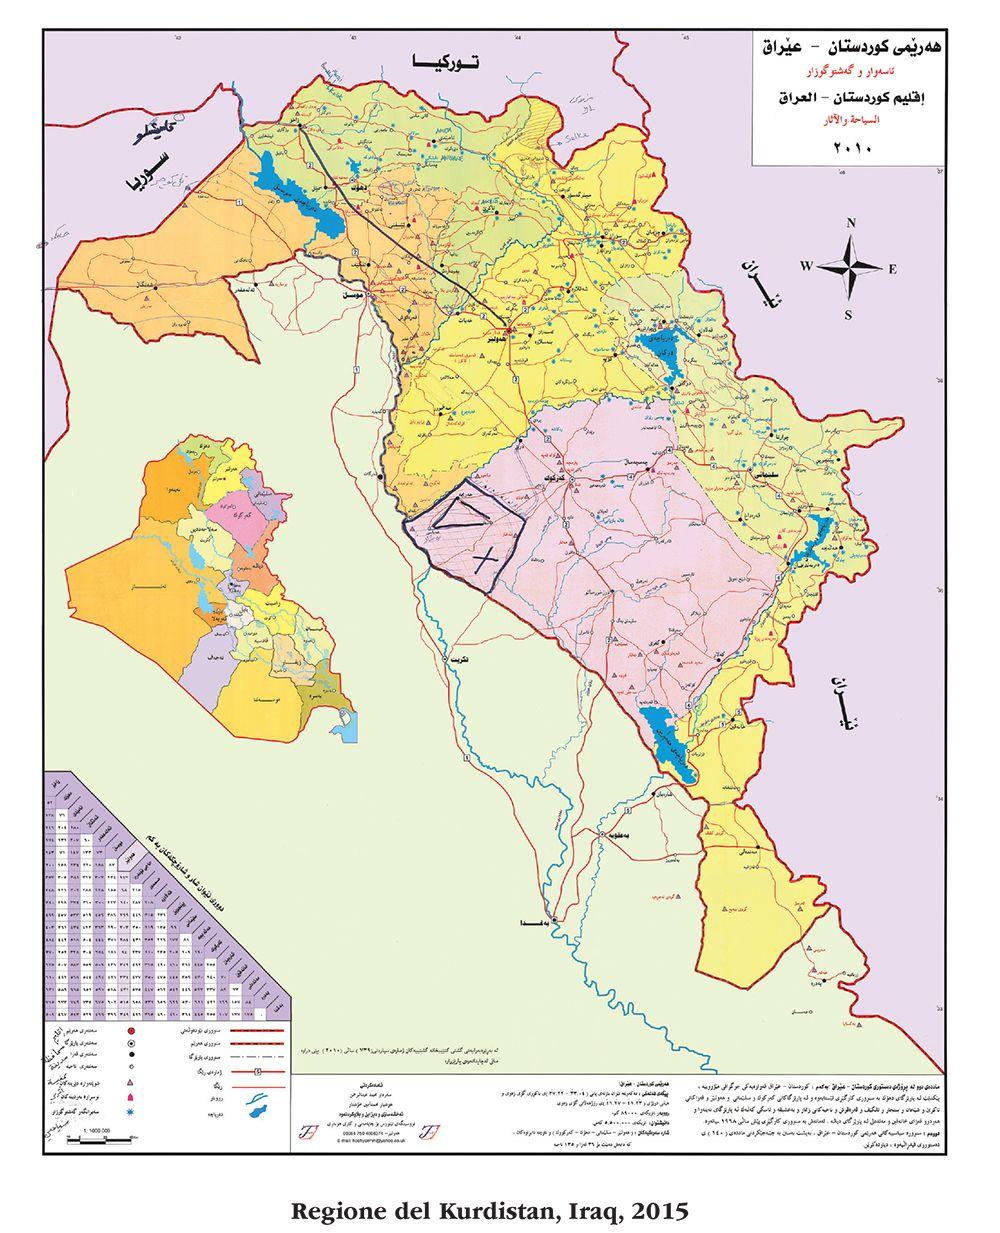 regione_kurdistan_iraq_2015_717